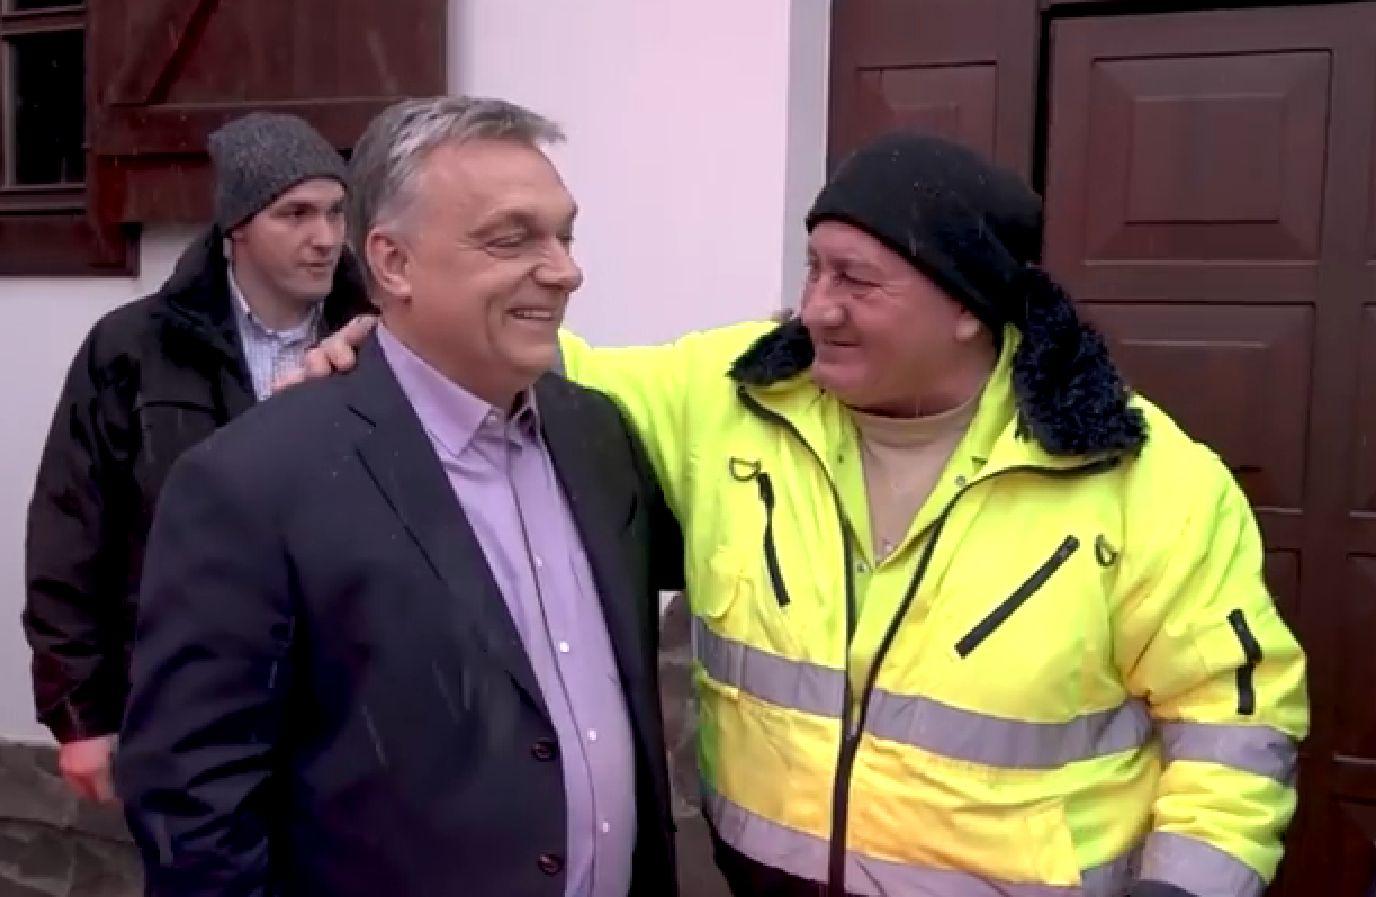 """""""Hát ittunk egy kicsit"""" - mondta a kukás Orbán Viktornak"""